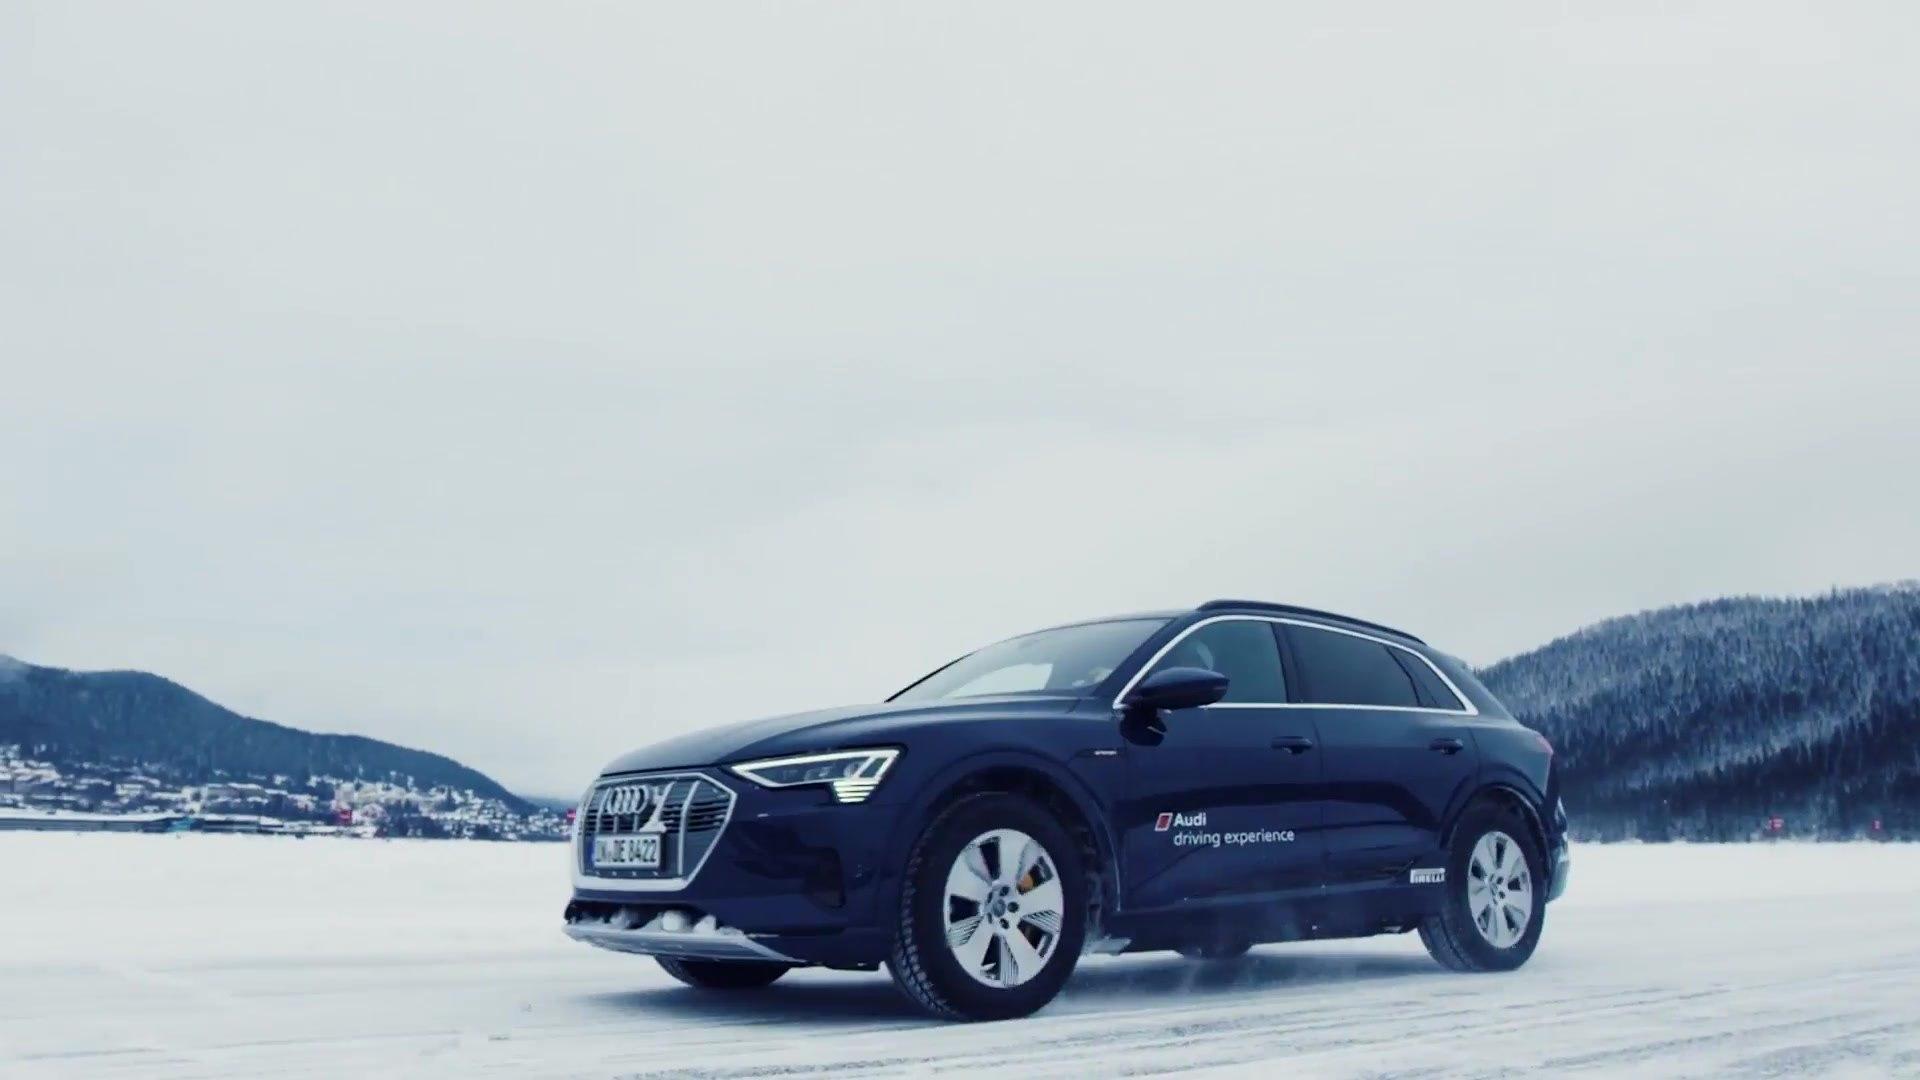 Kelebihan Audi Driving Experience Perbandingan Harga